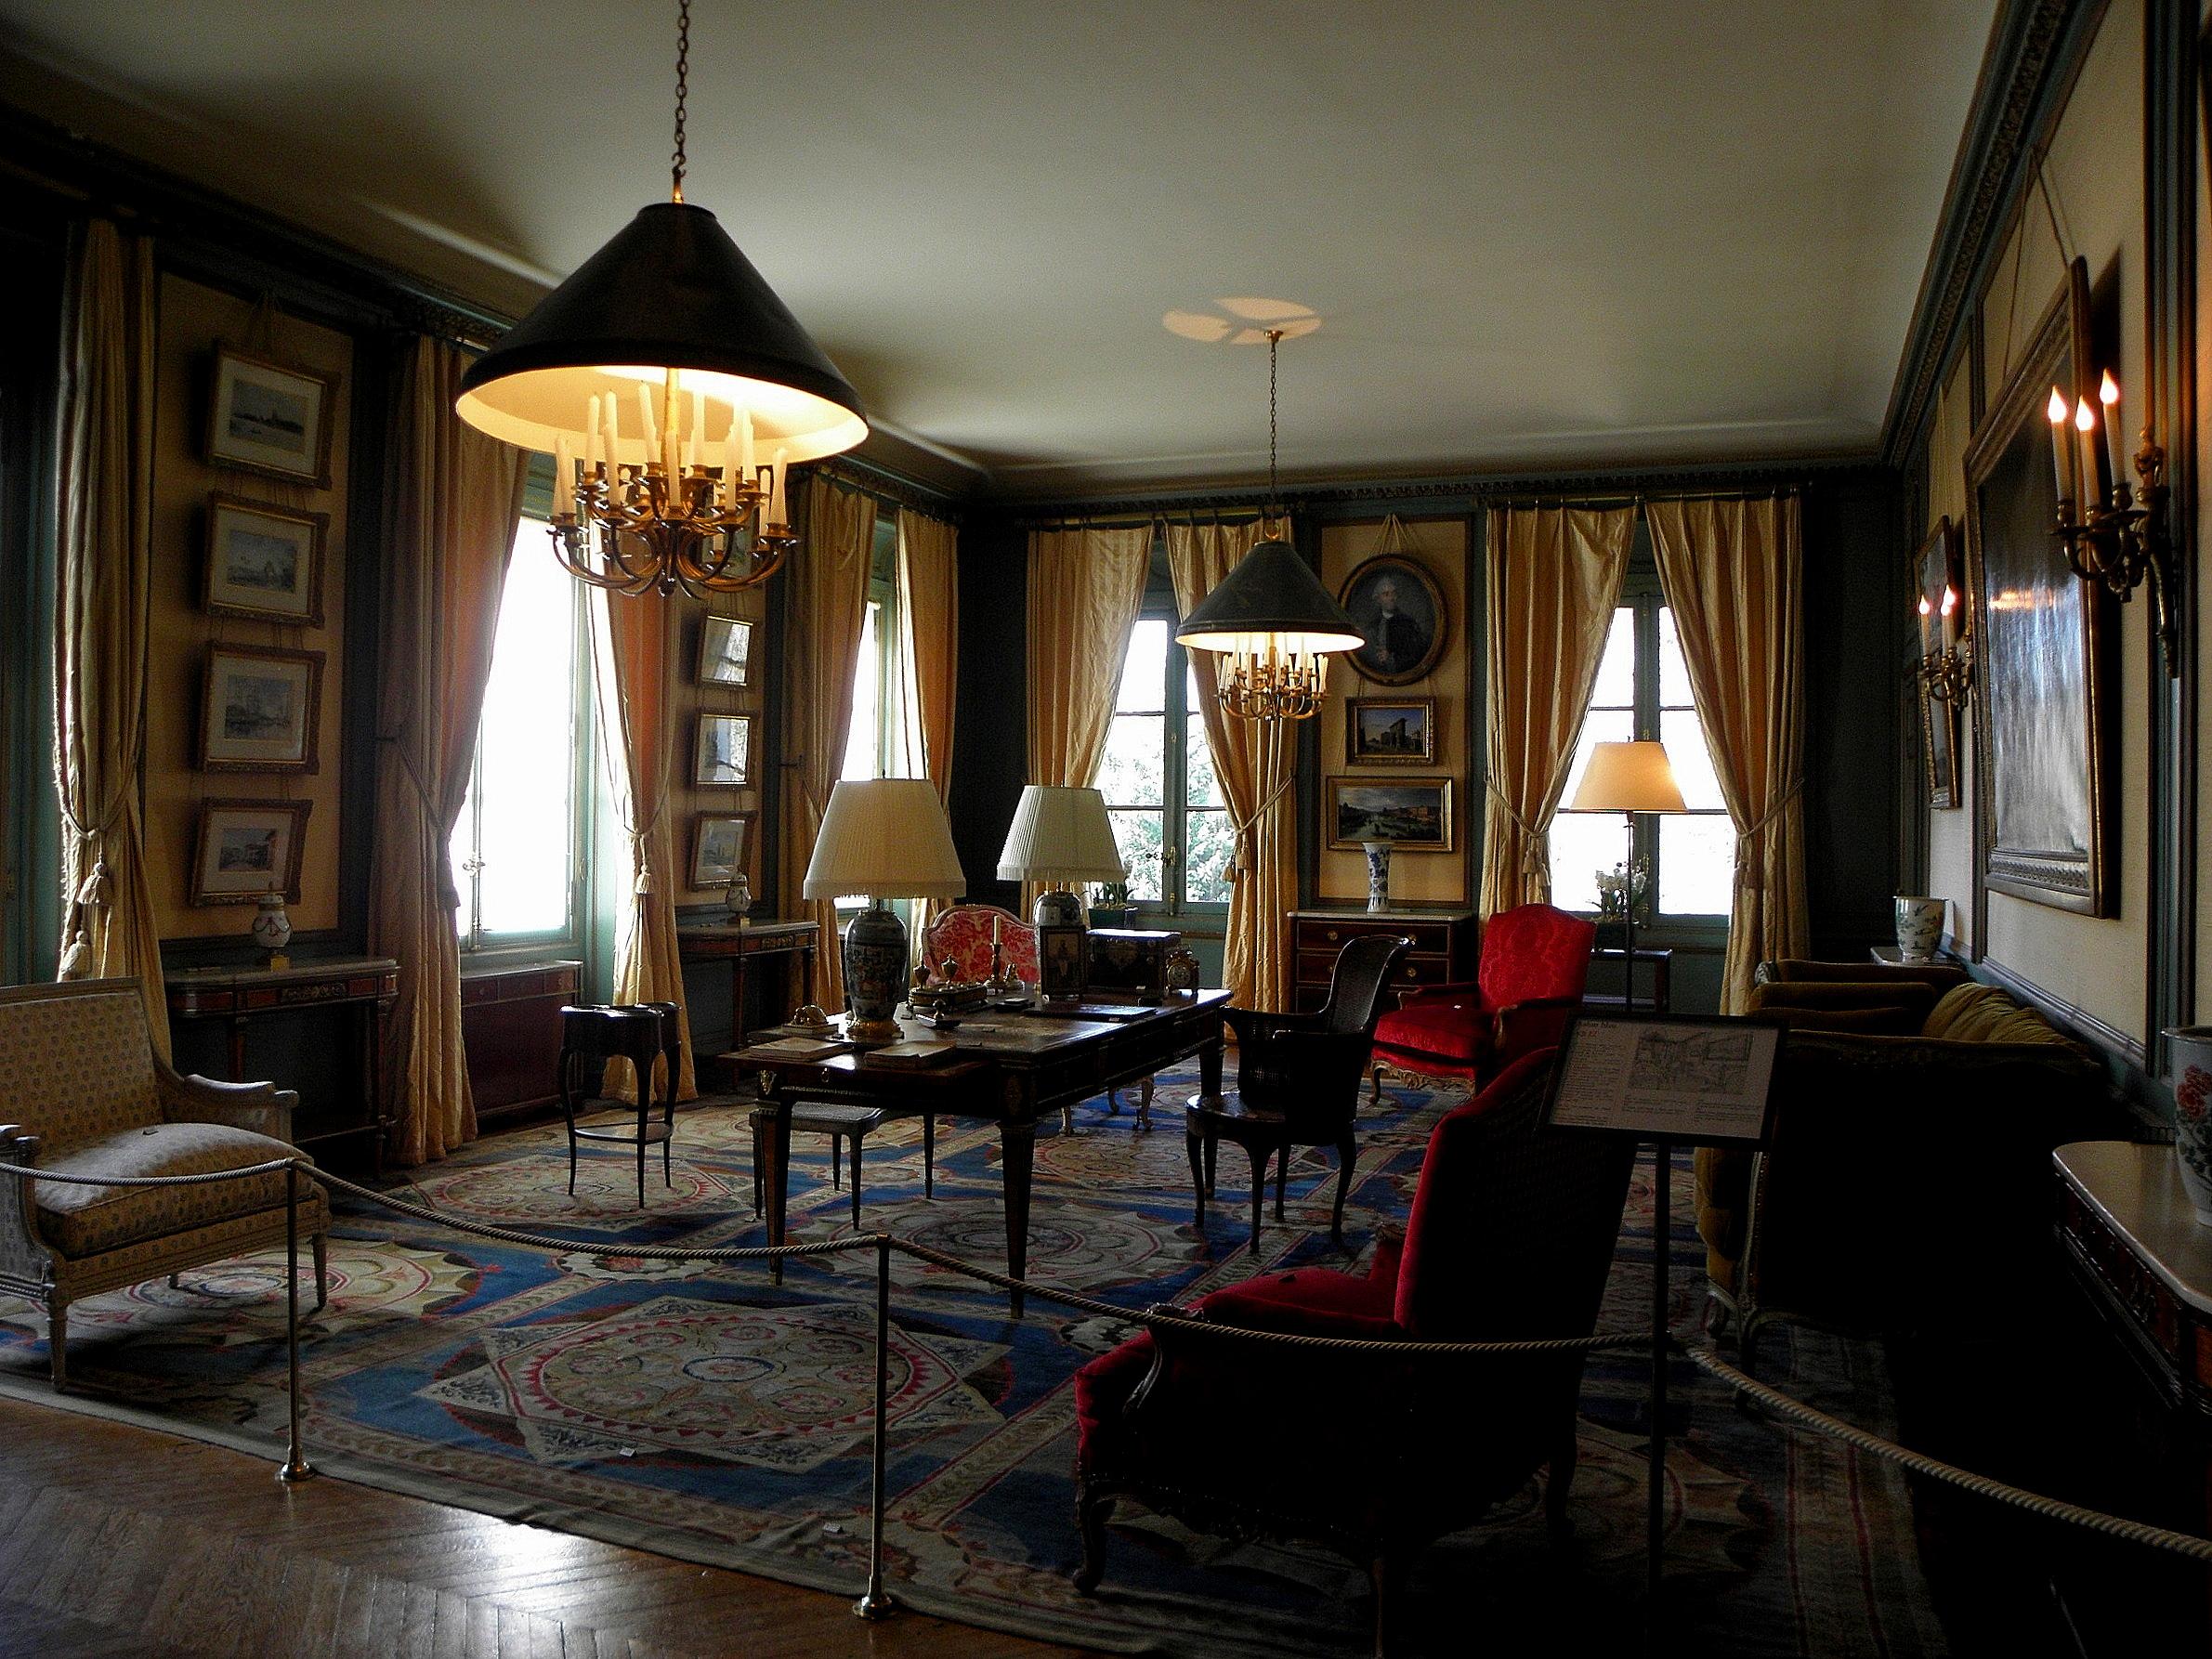 File:Paris (75008) Musée Nissim de Camondo Salon Bleu 02.JPG ...